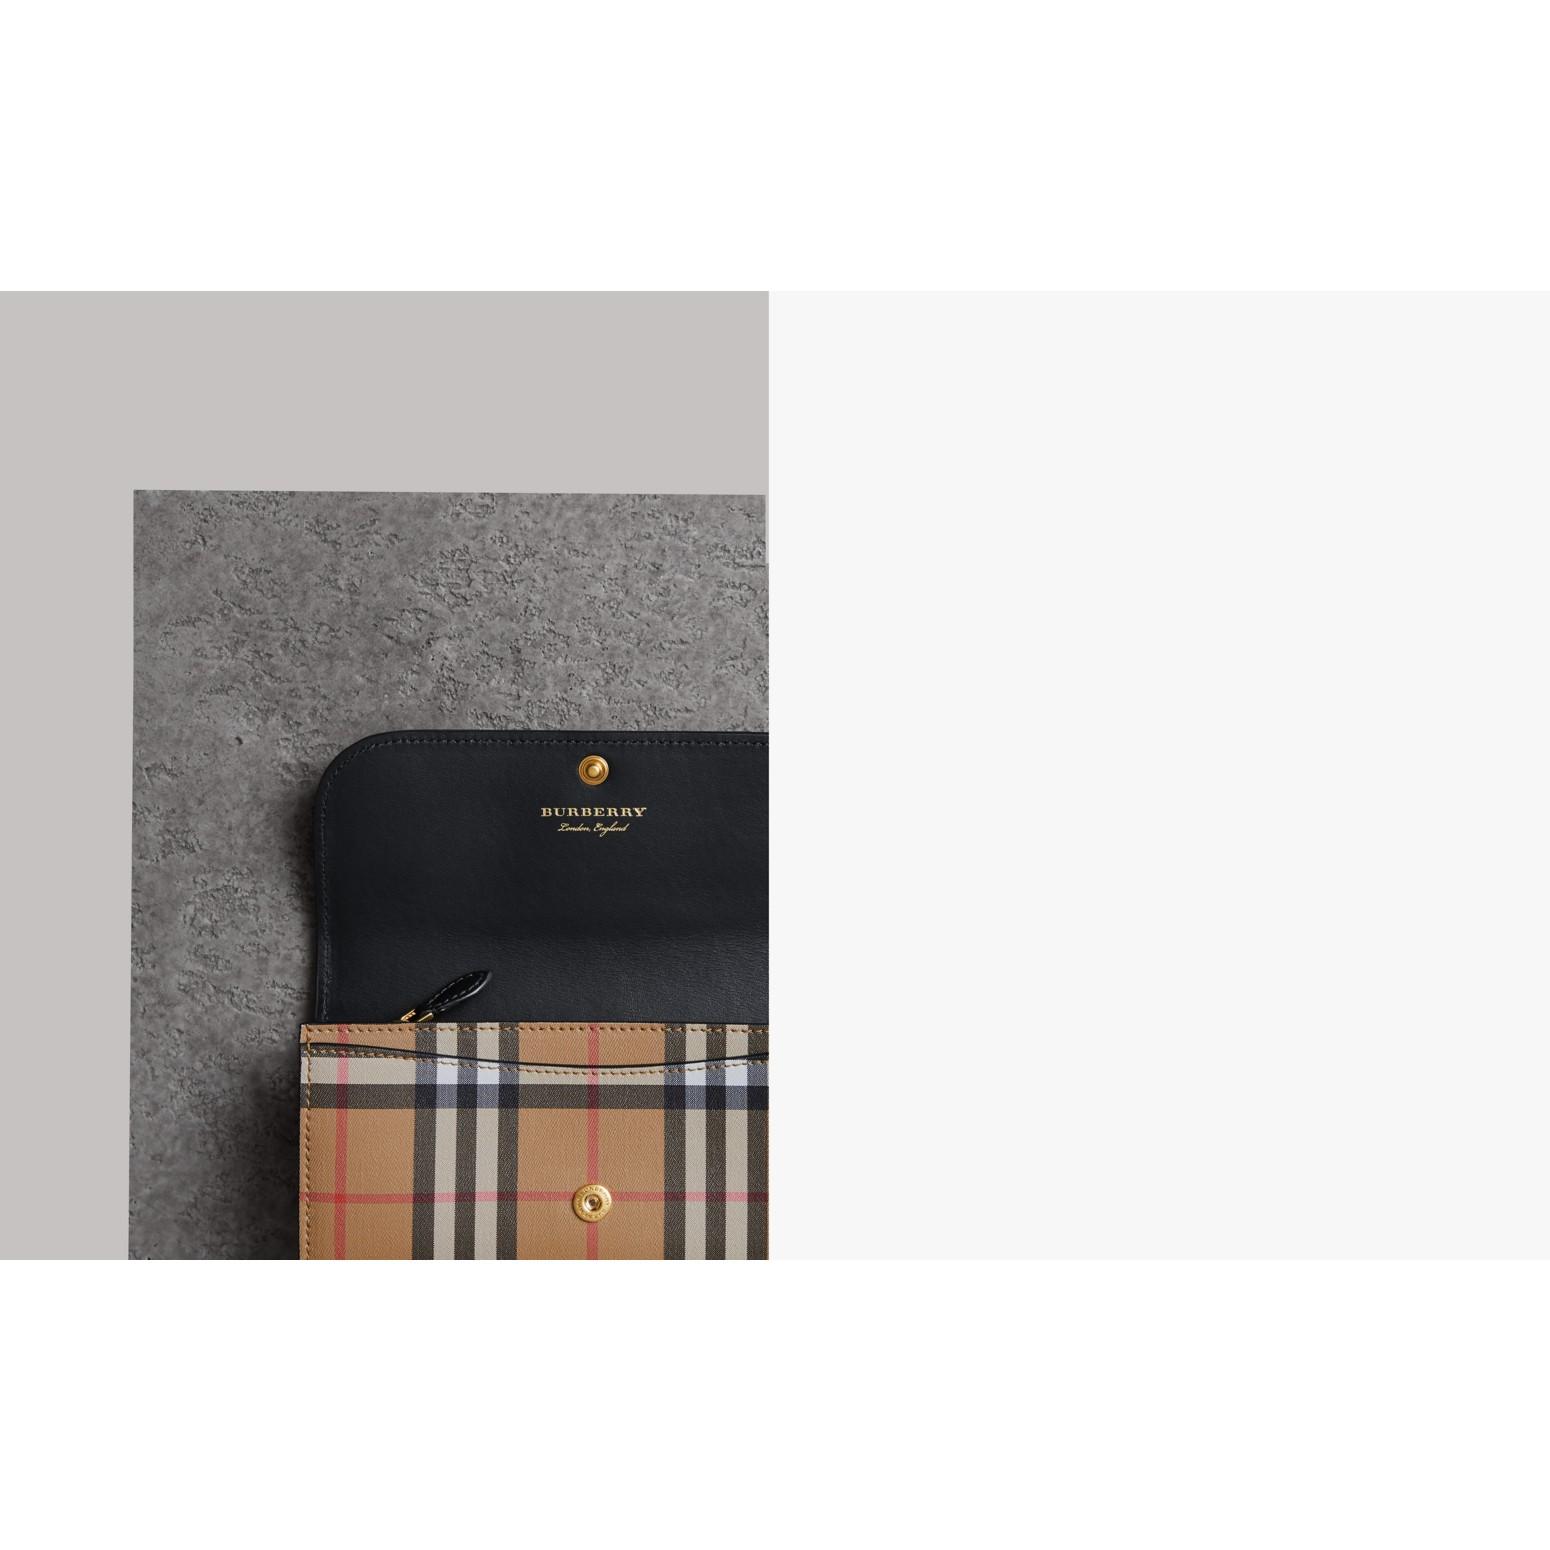 Carteira continental de couro e Vintage Check (Preto) - Mulheres | Burberry - galeria de imagens 1